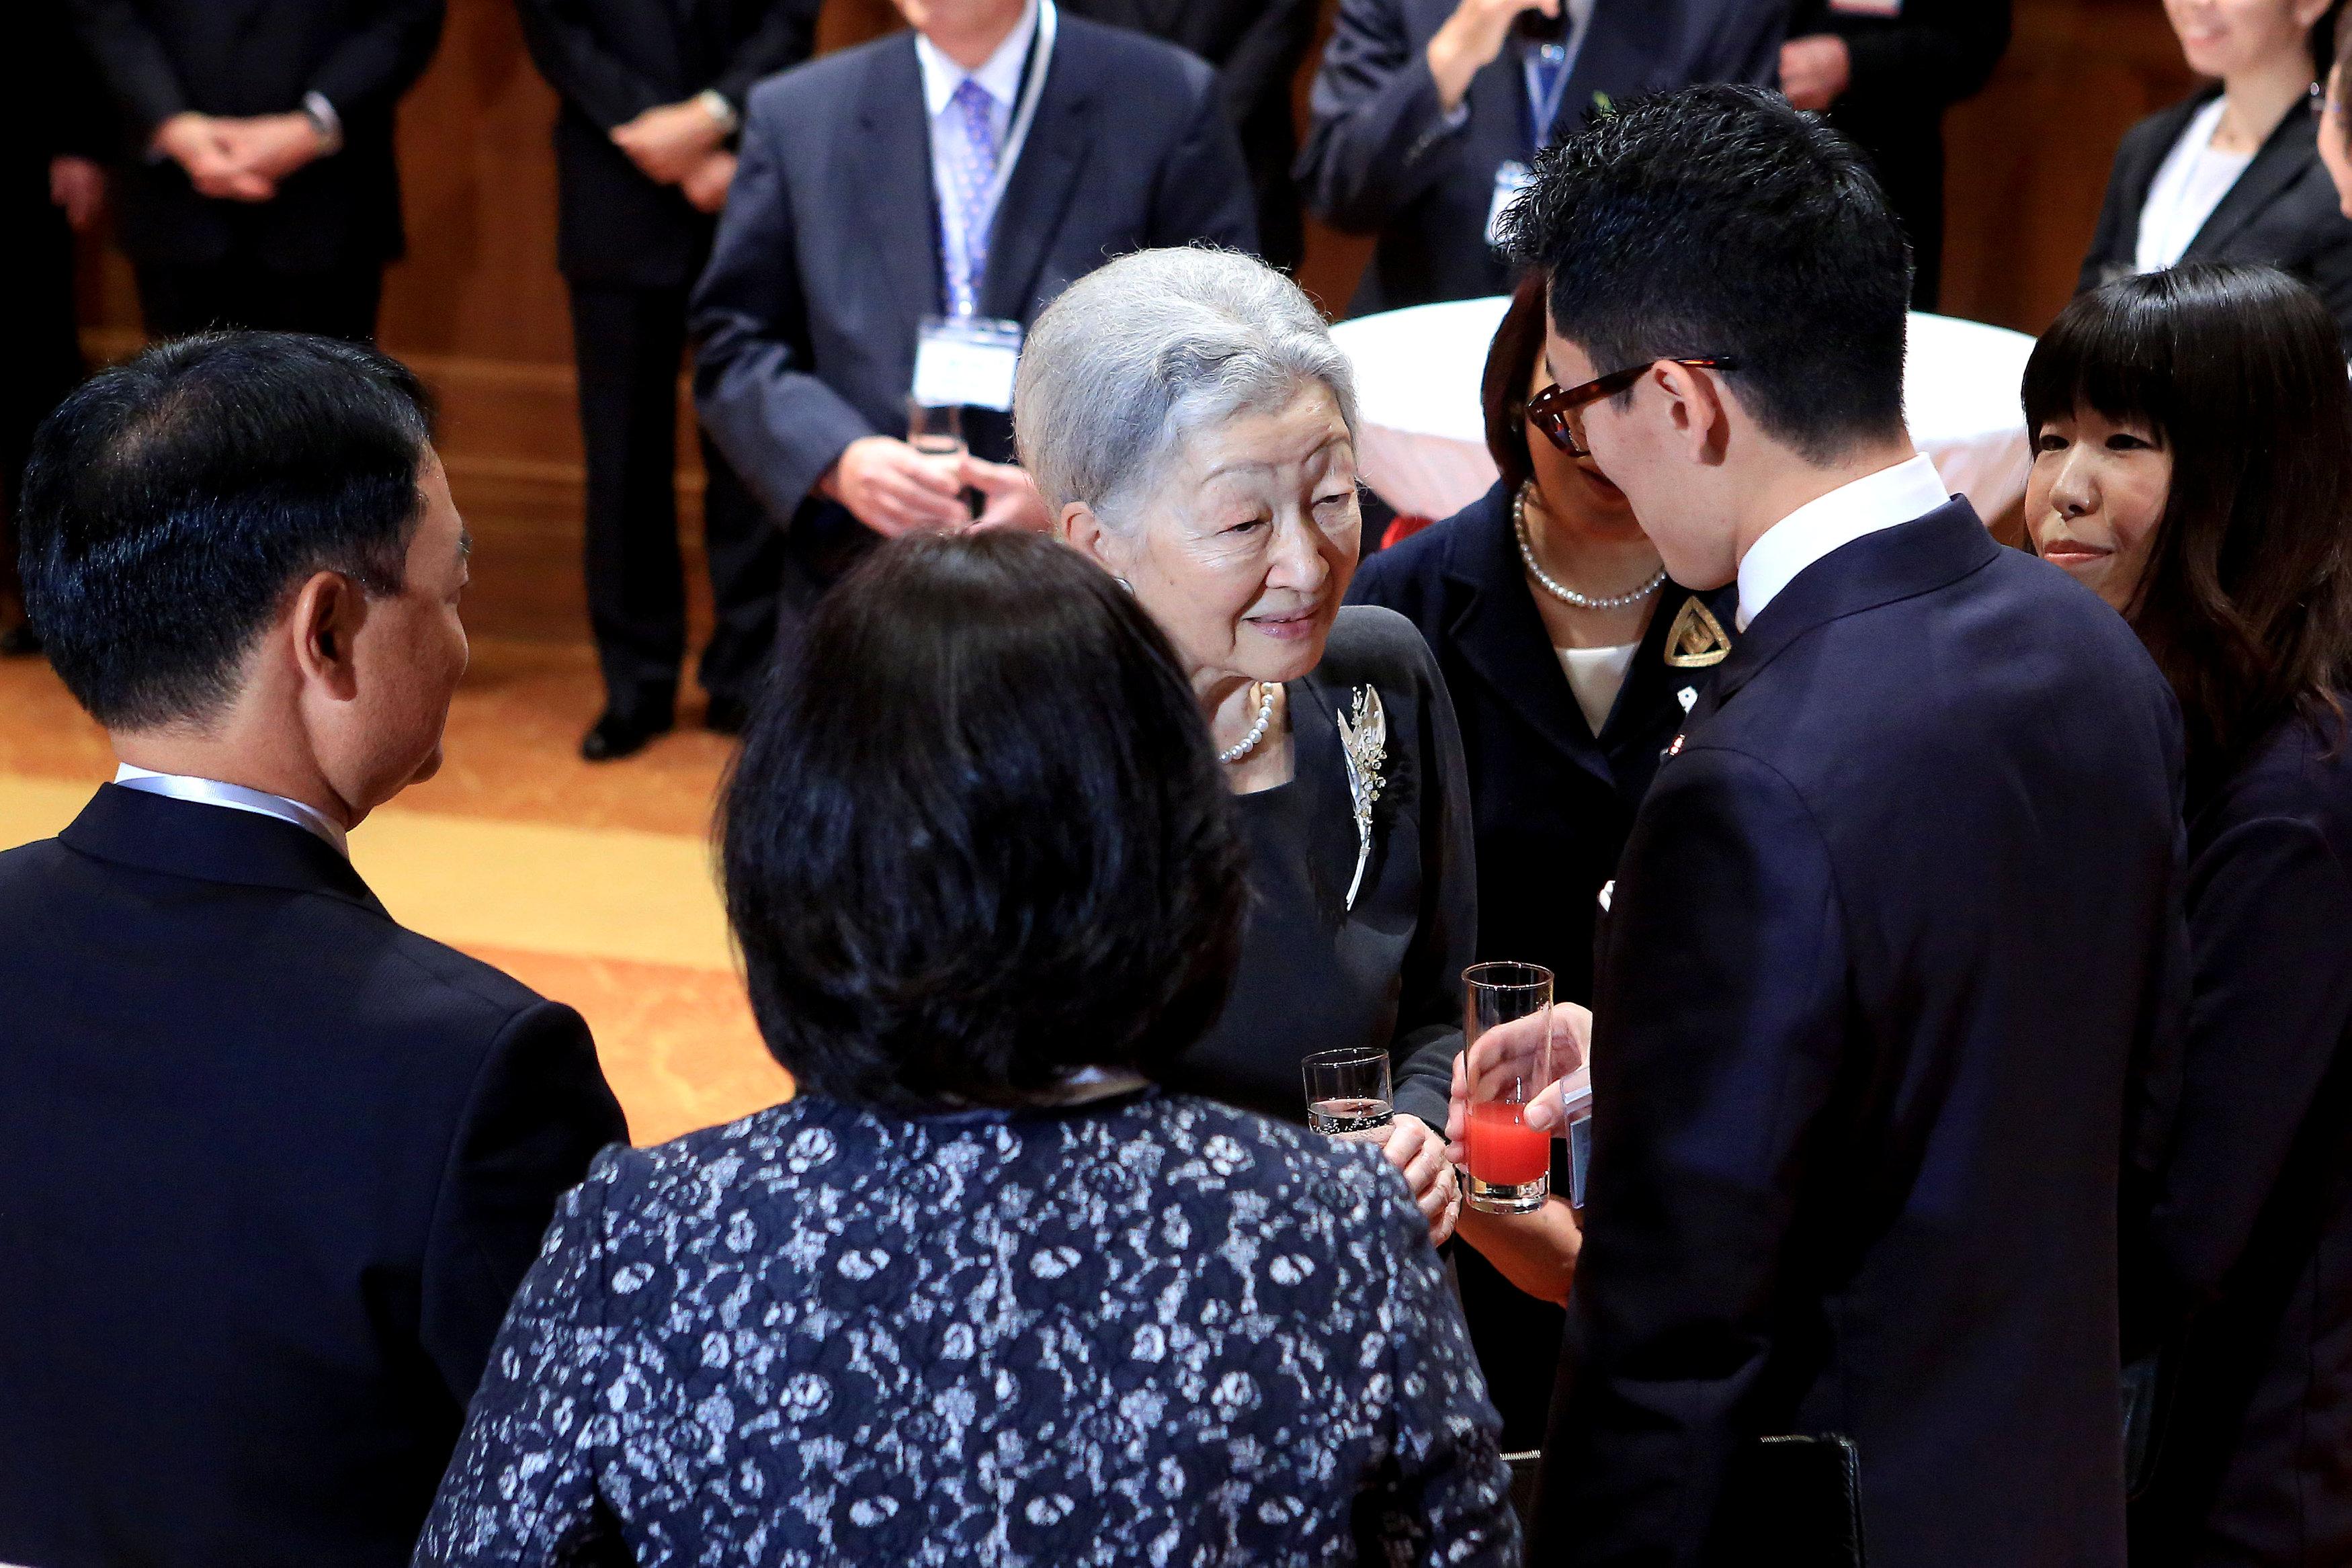 الامبراطورة ميتشيكو تتحدث مع عدد من الشخصيات البارزة